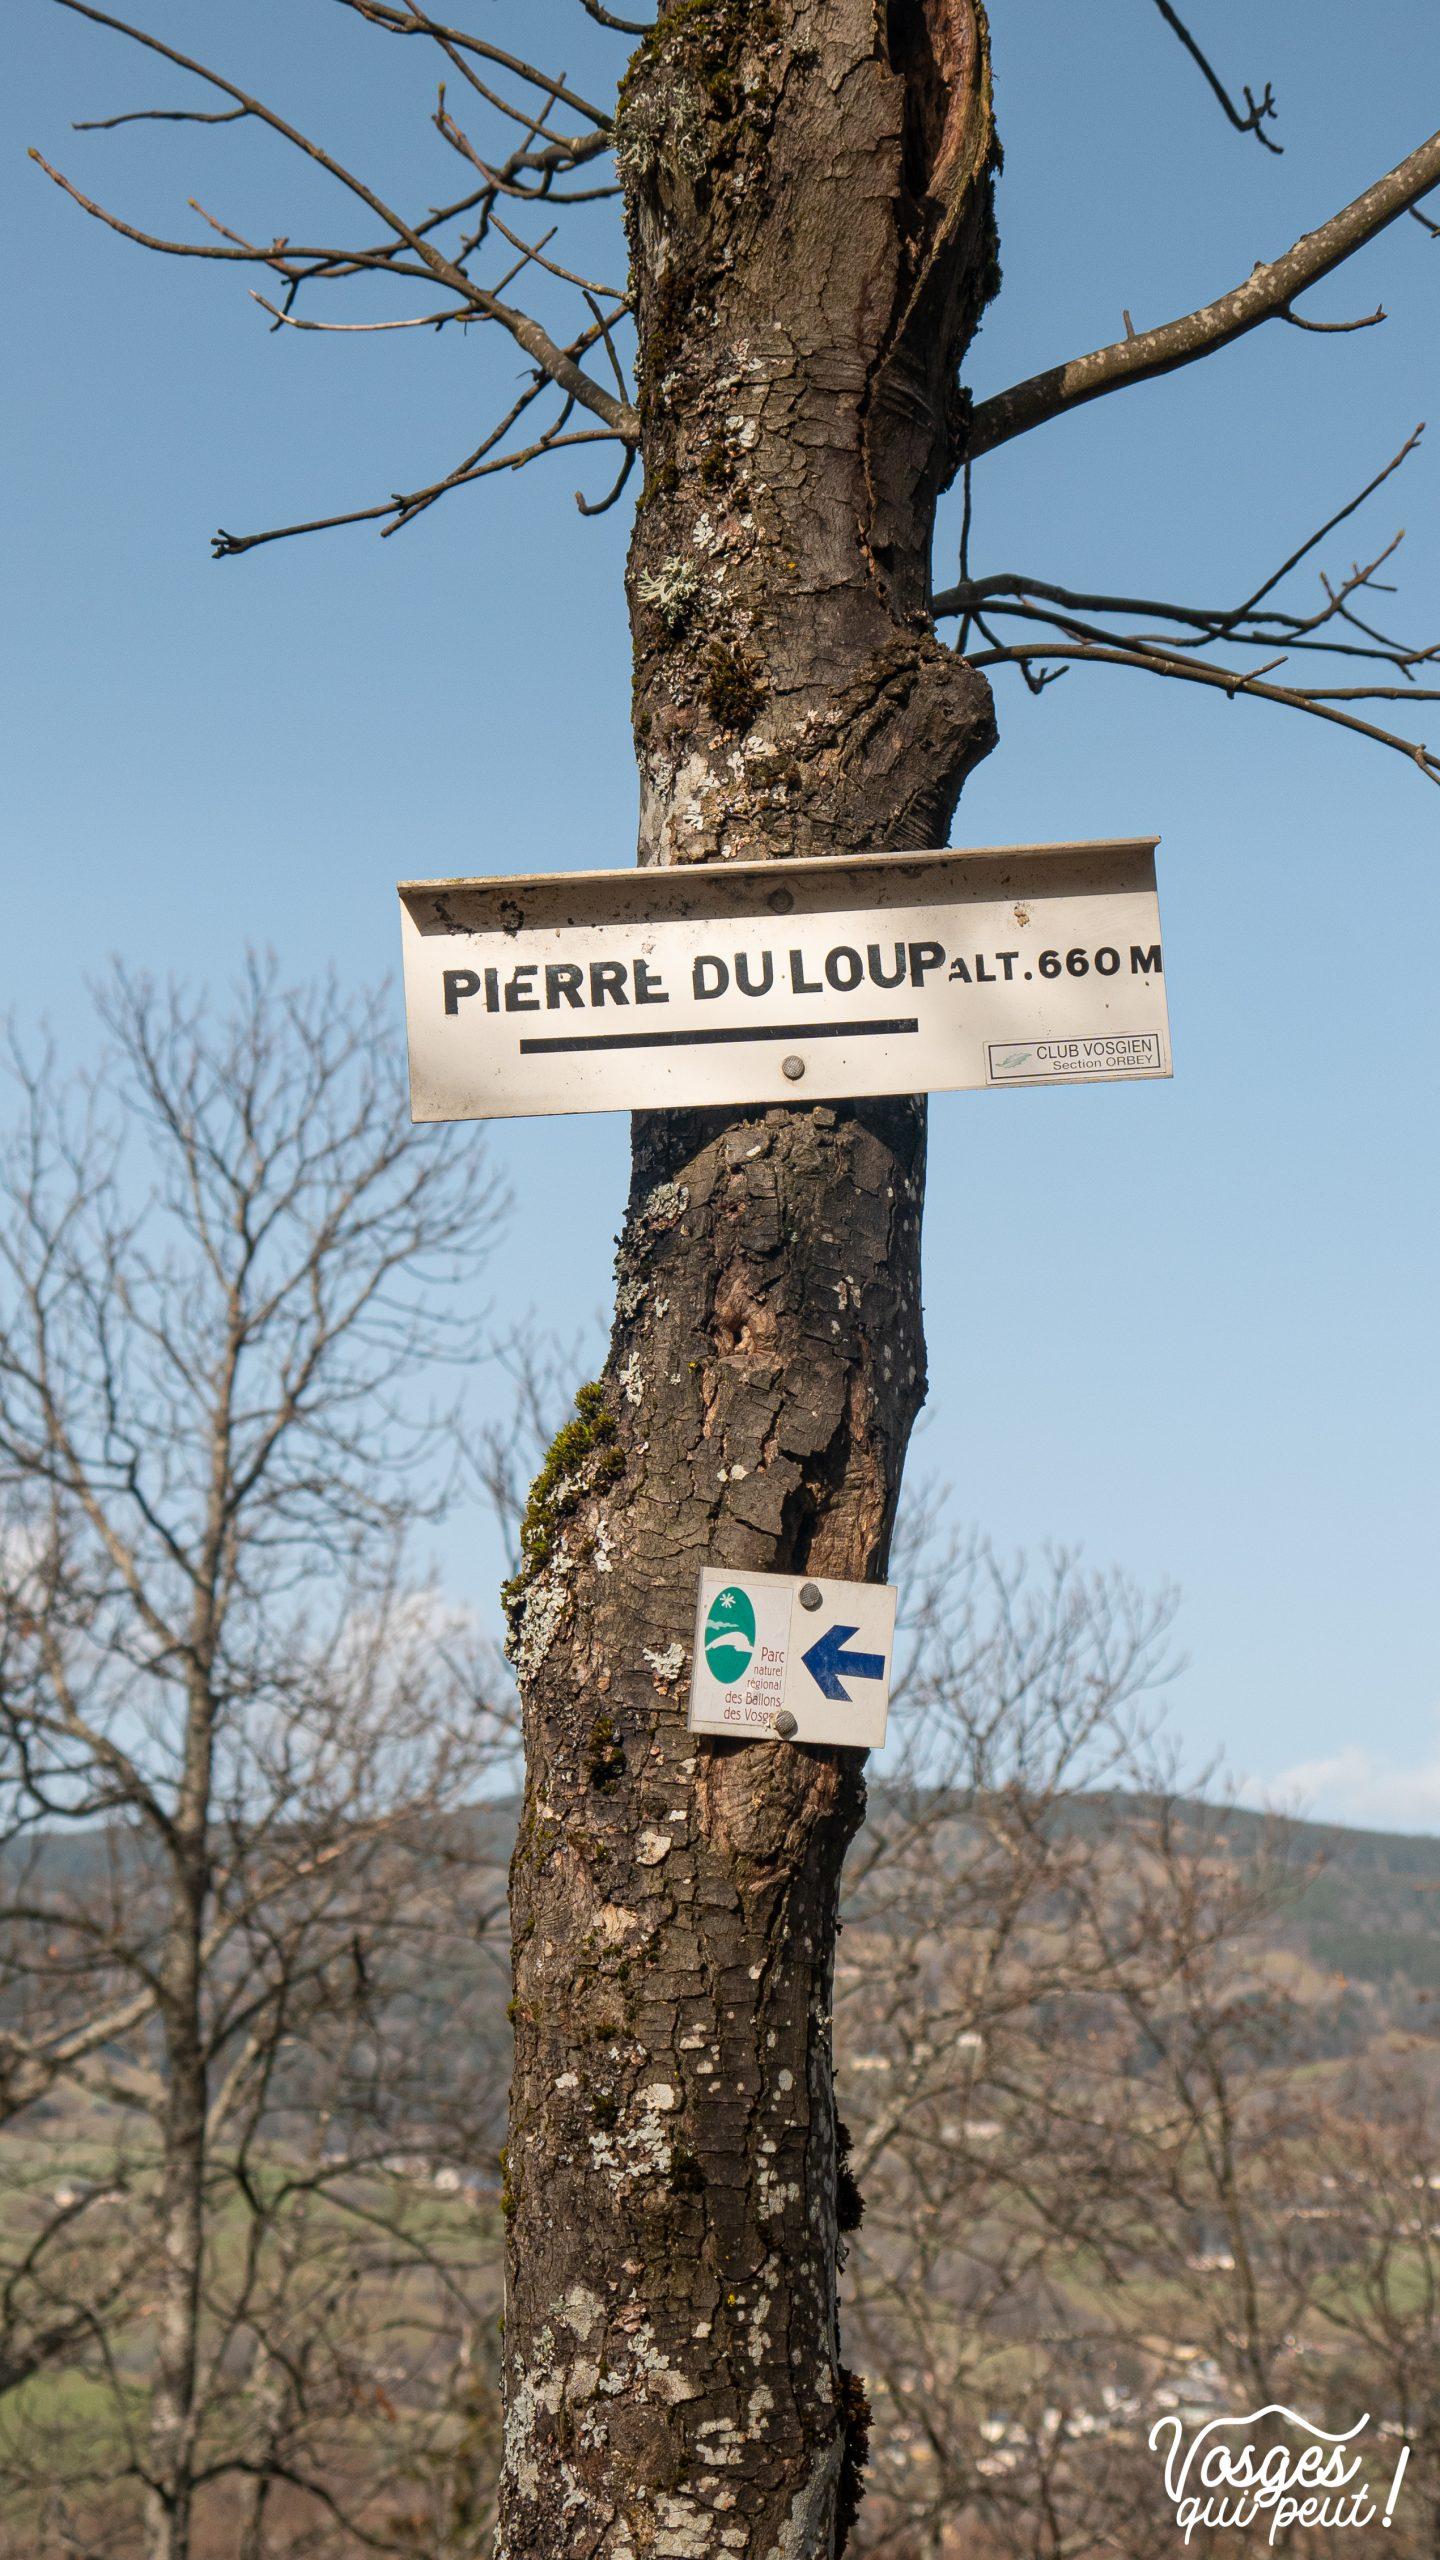 Panneau indicatif du Club Vosgien pendant une randonnée dans les Vosges